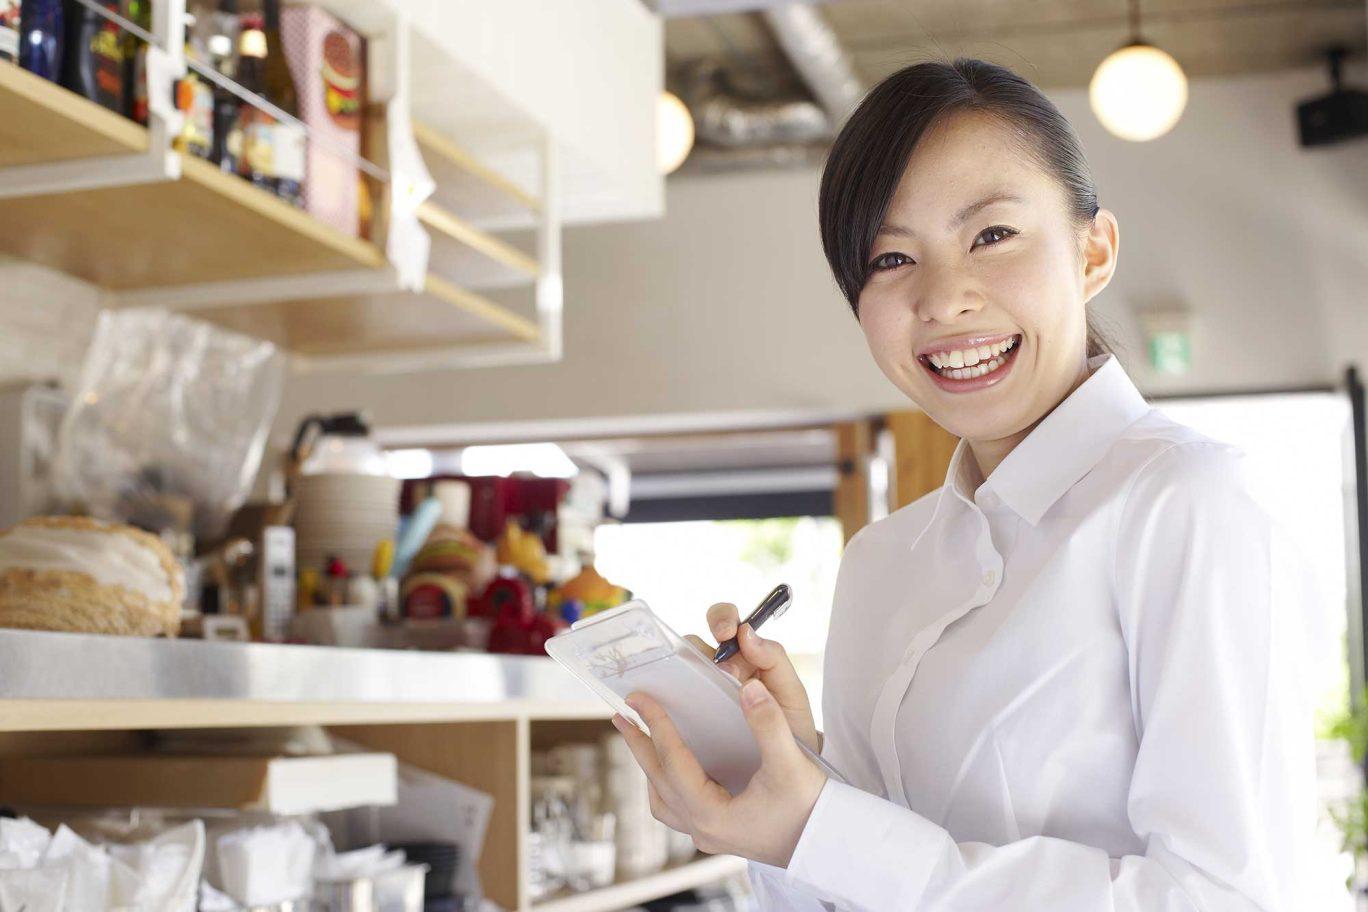 カフェを開業するには? 手続き・資金調達・広告宣伝まとめ